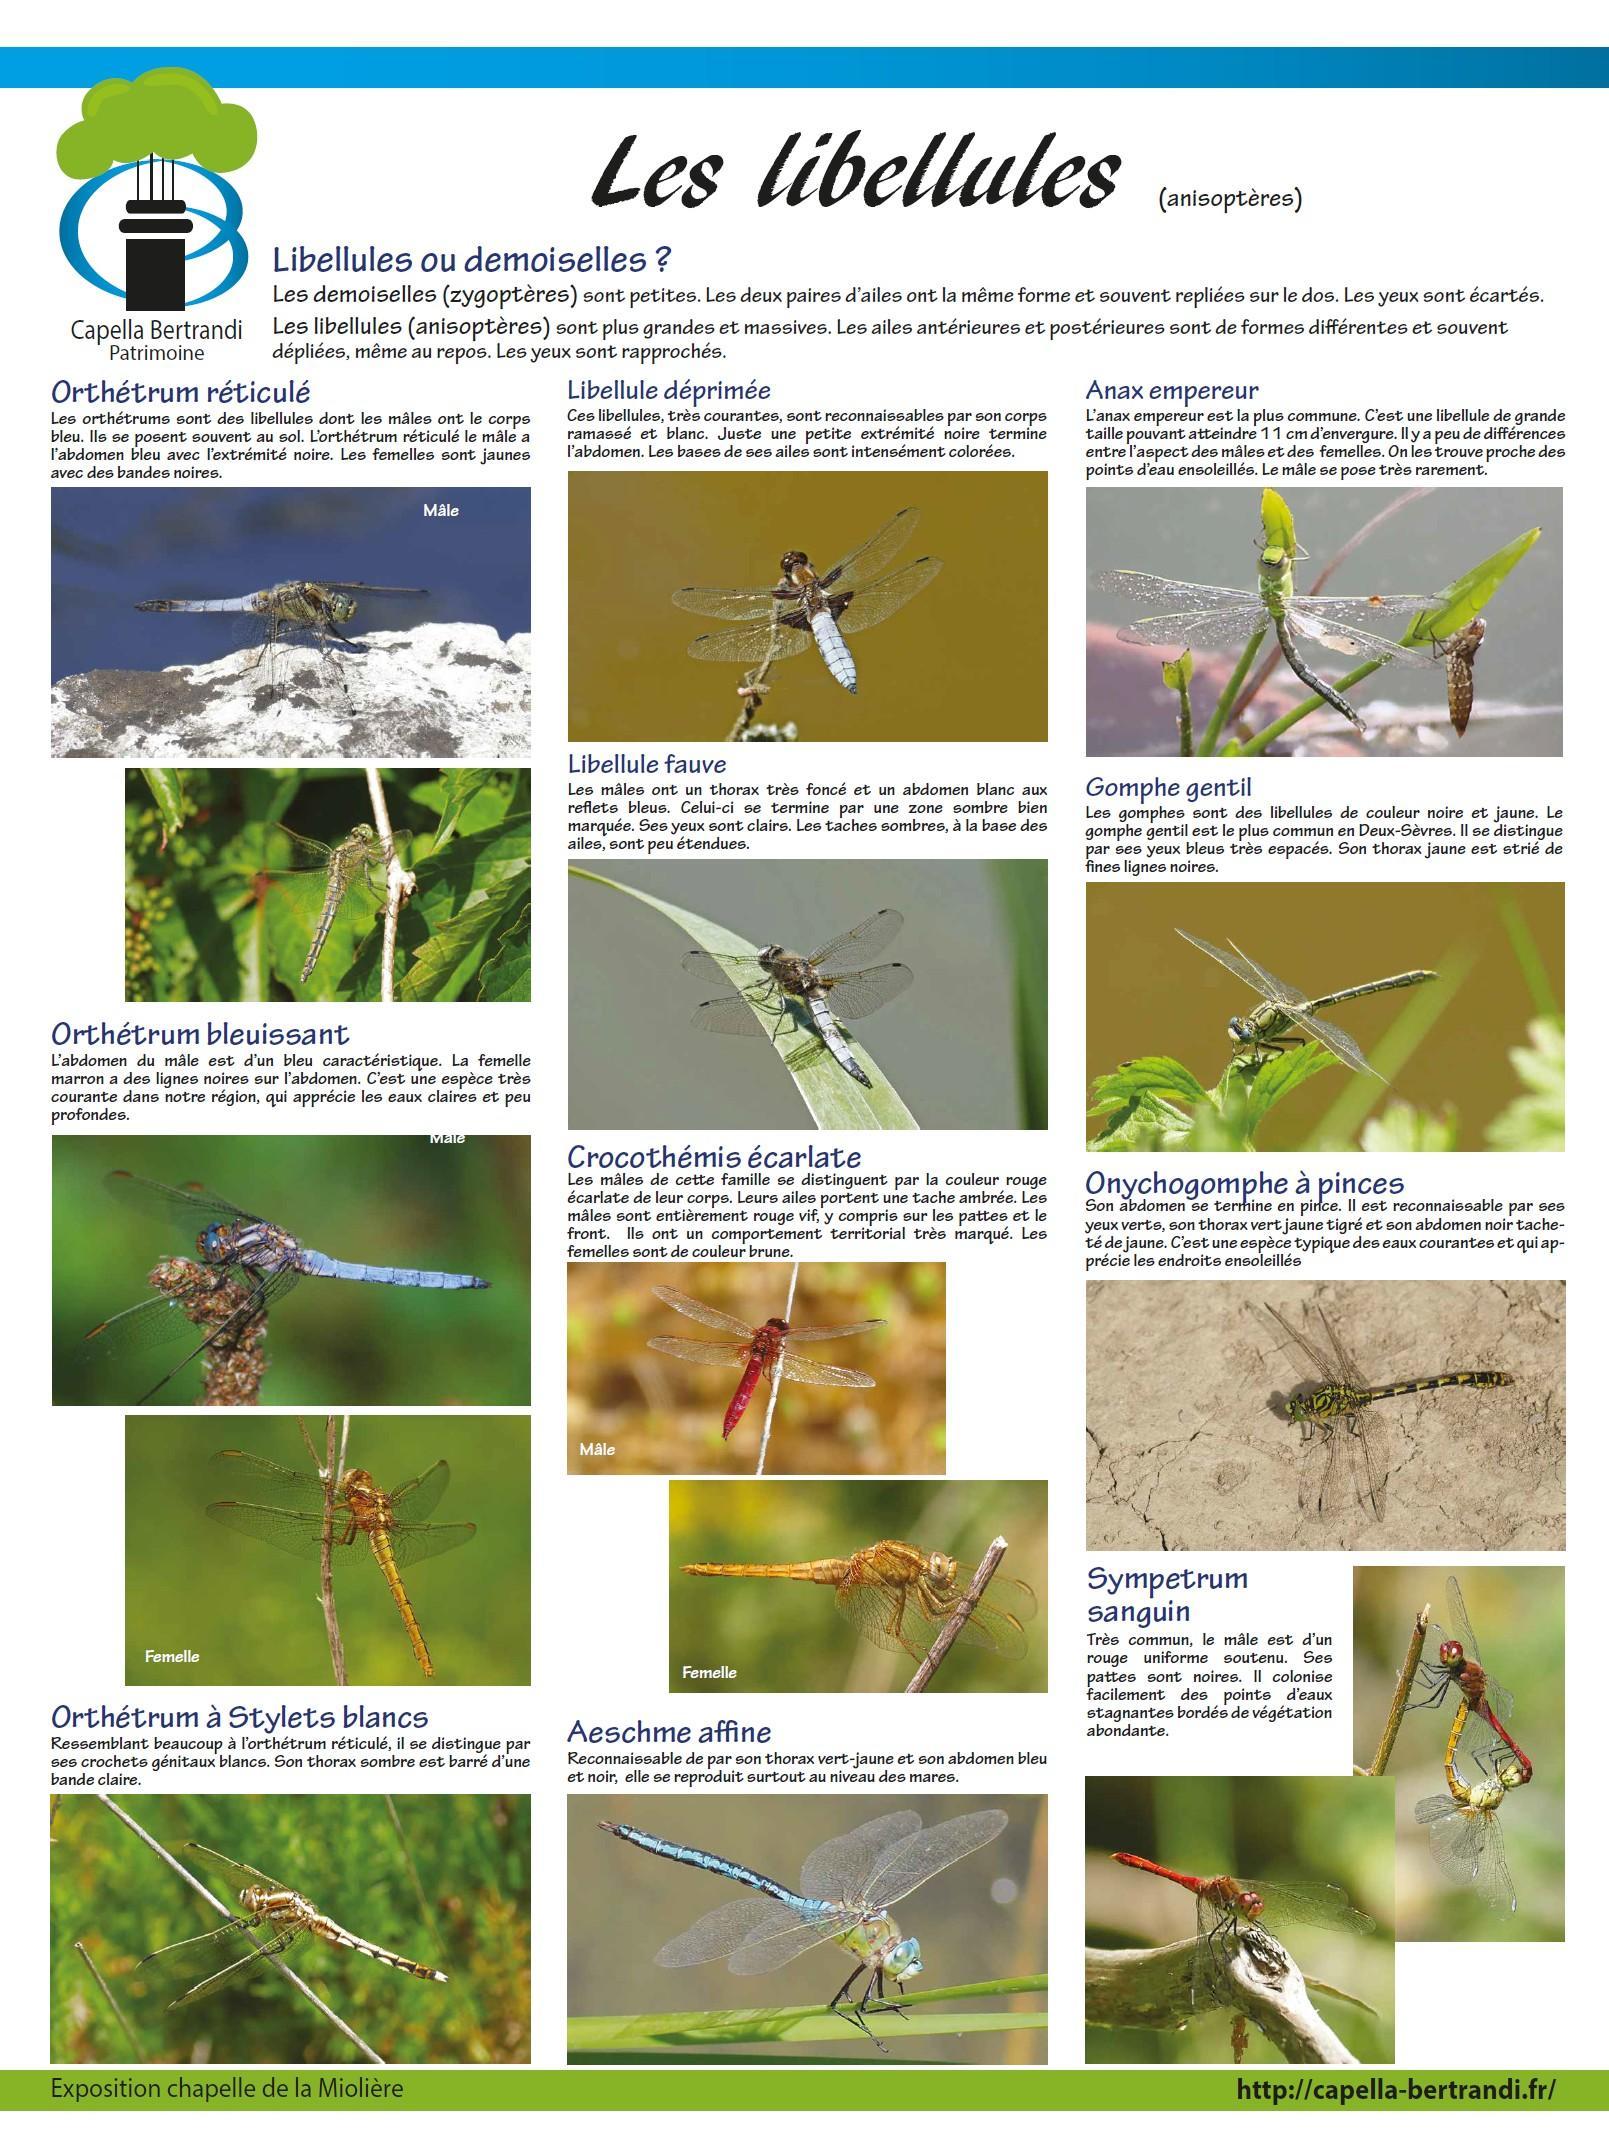 Les libellules de la Chapelle Bertrand